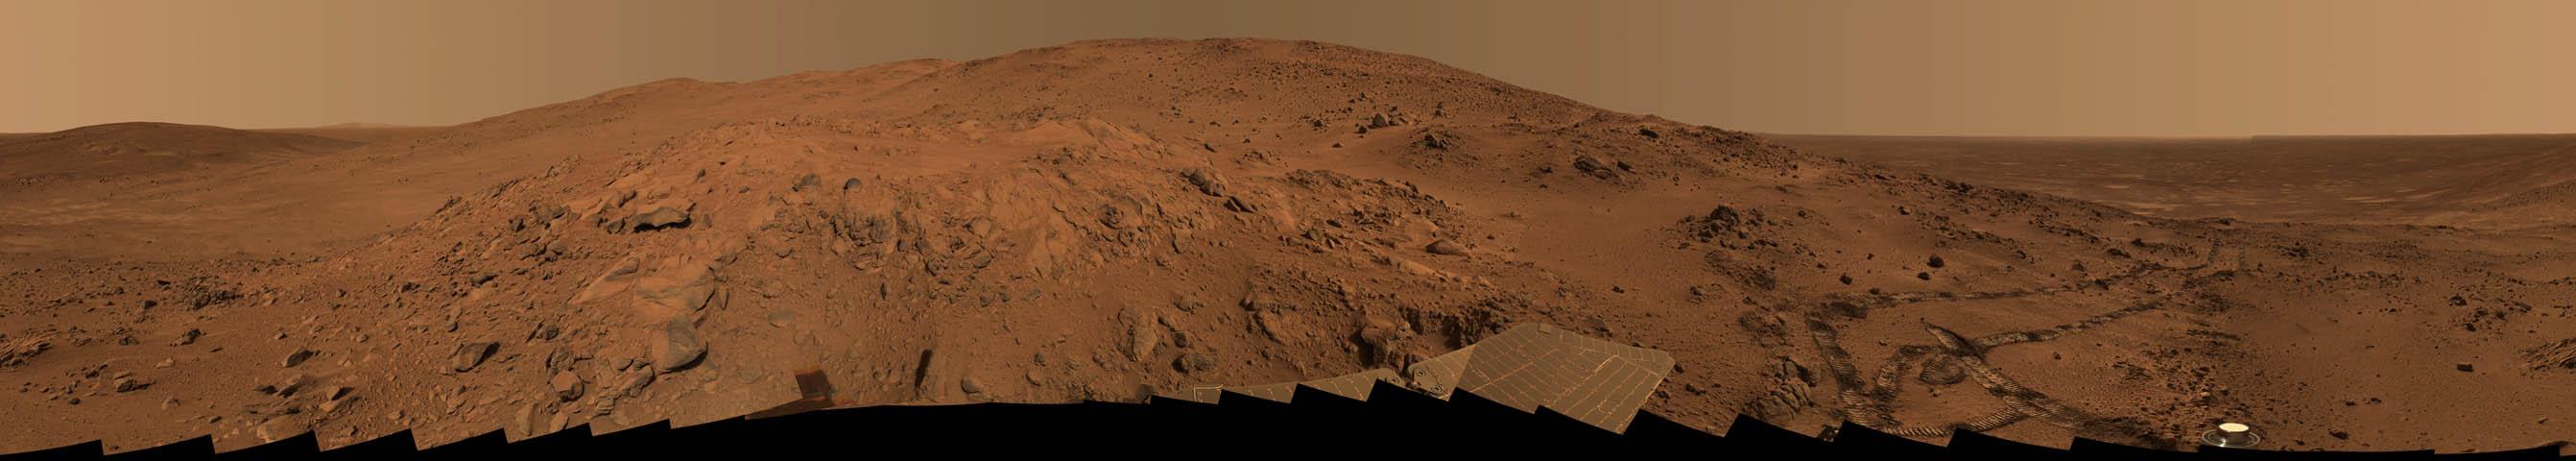 Un Panorama de Marte de Larrys Lookout